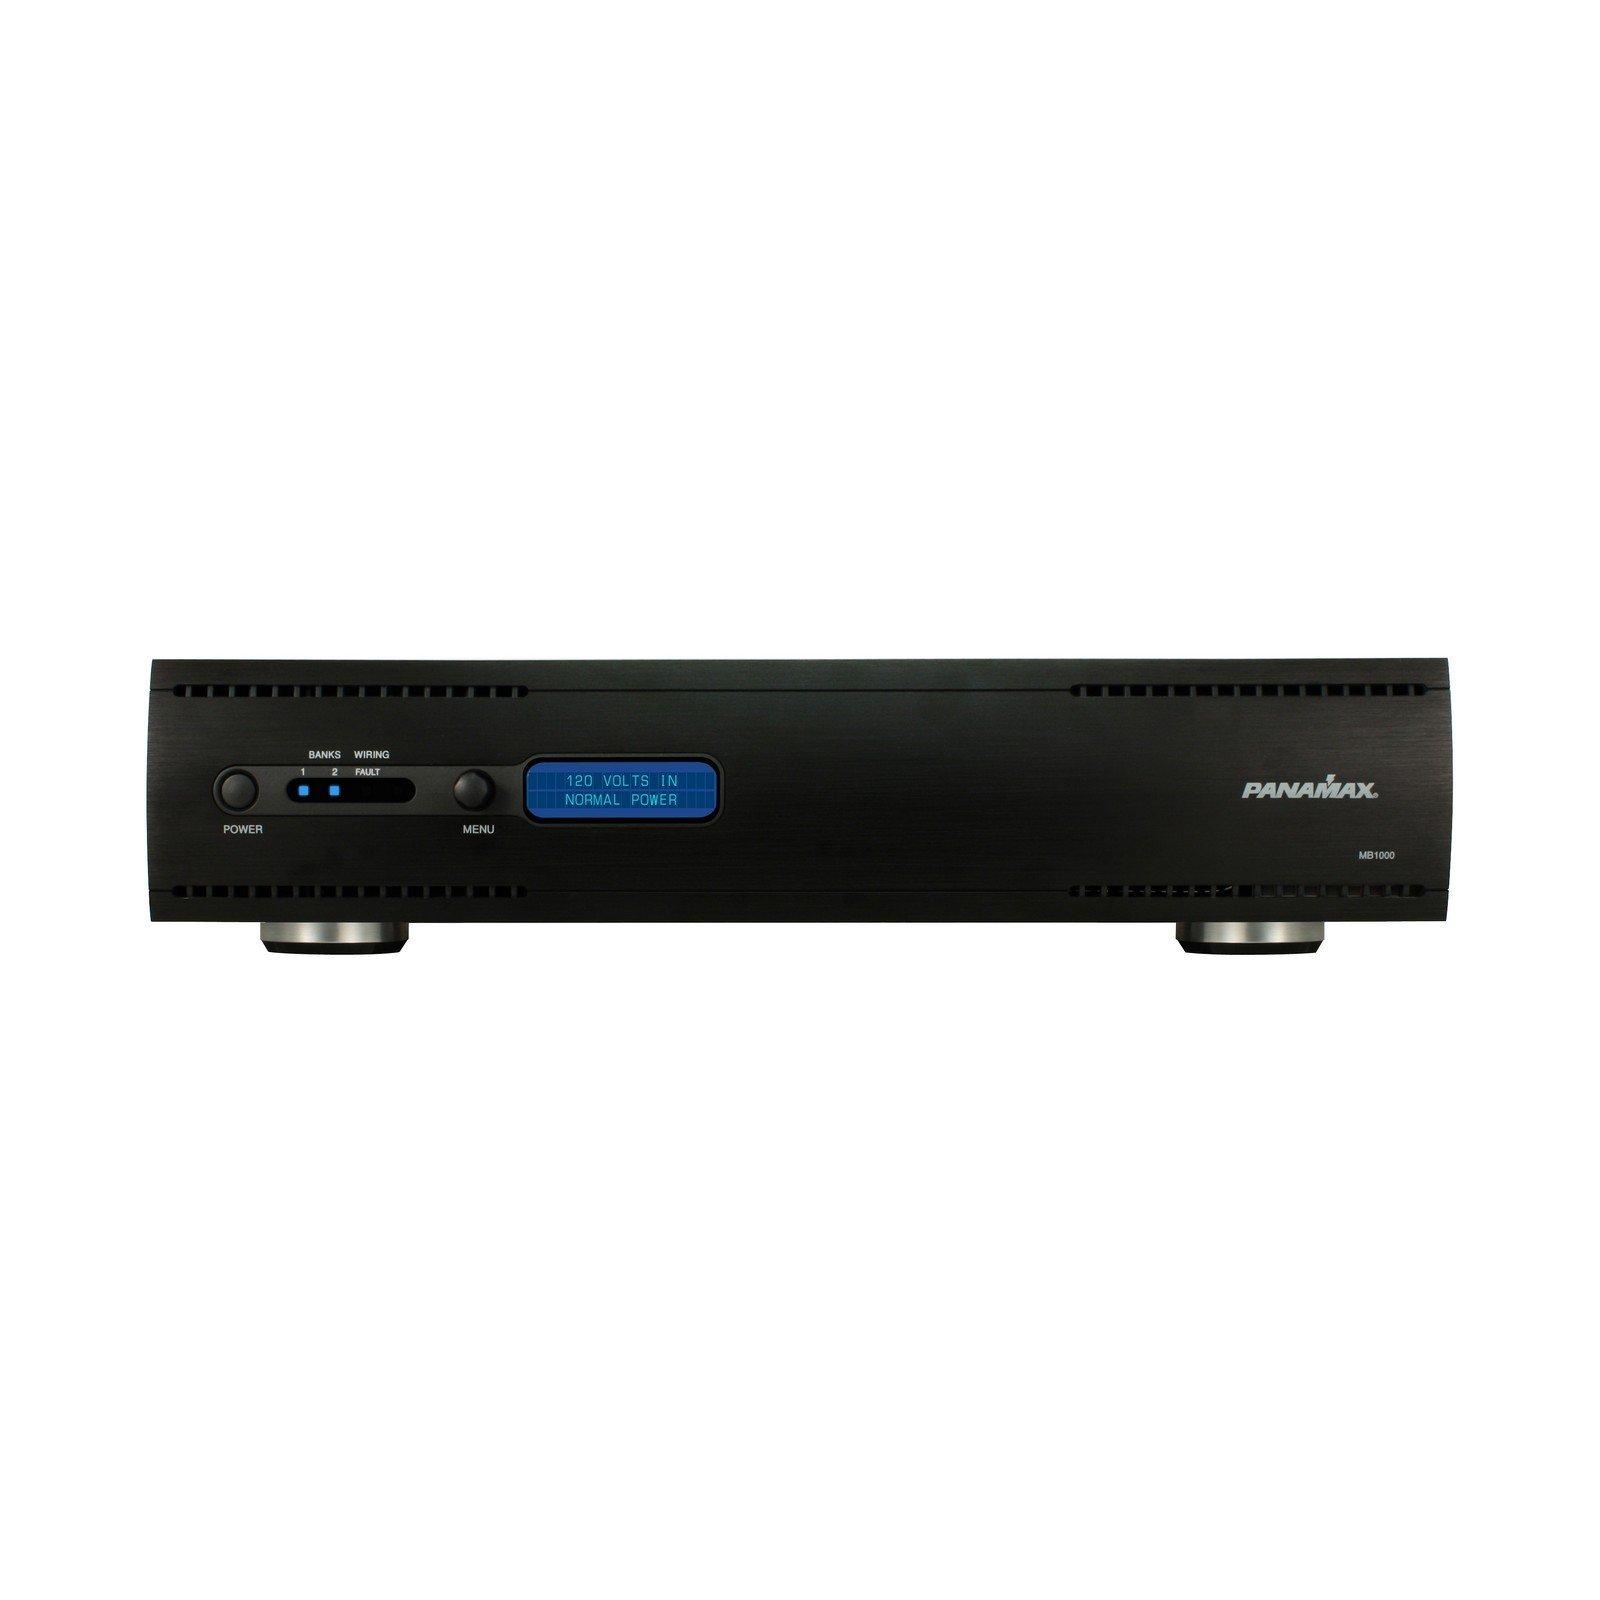 Panamax MB1000   1000VA UPS Battery Backup Surge Protector RS 232 Port